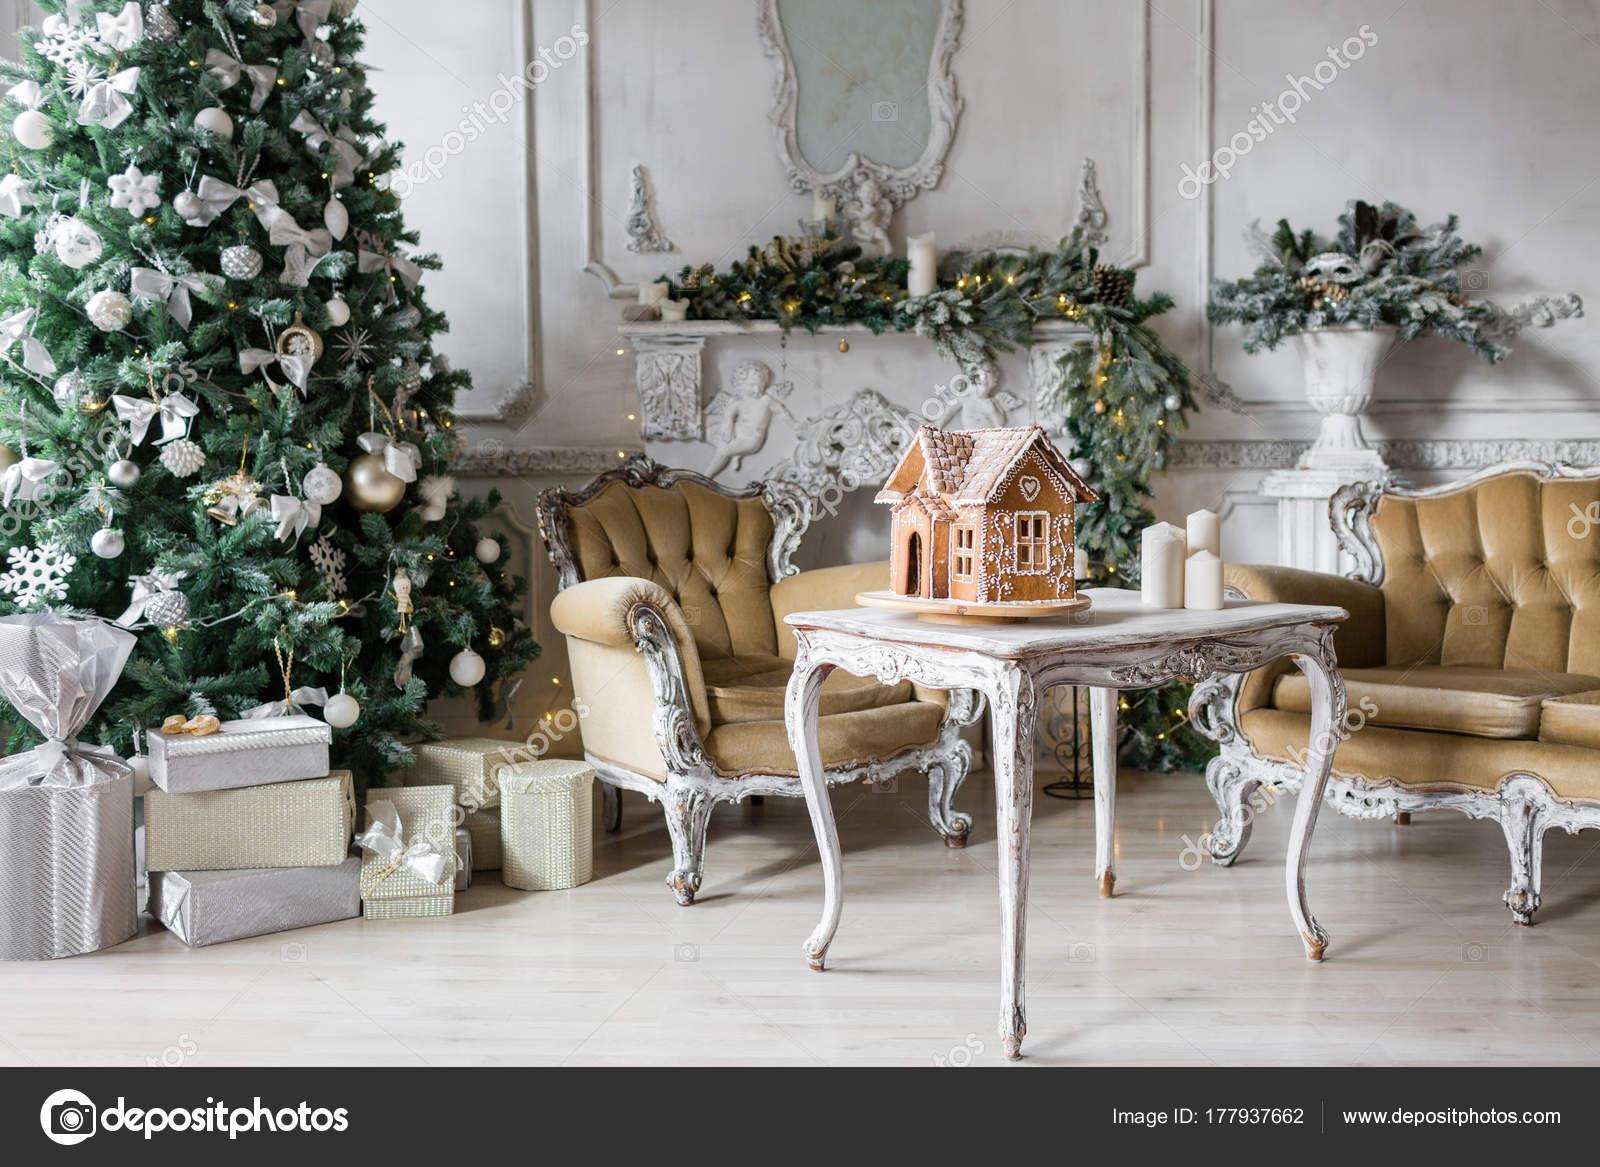 Noel Için Ev Yapımı Kurabiye Evi üzerinde Arka Plan Oda Dekore